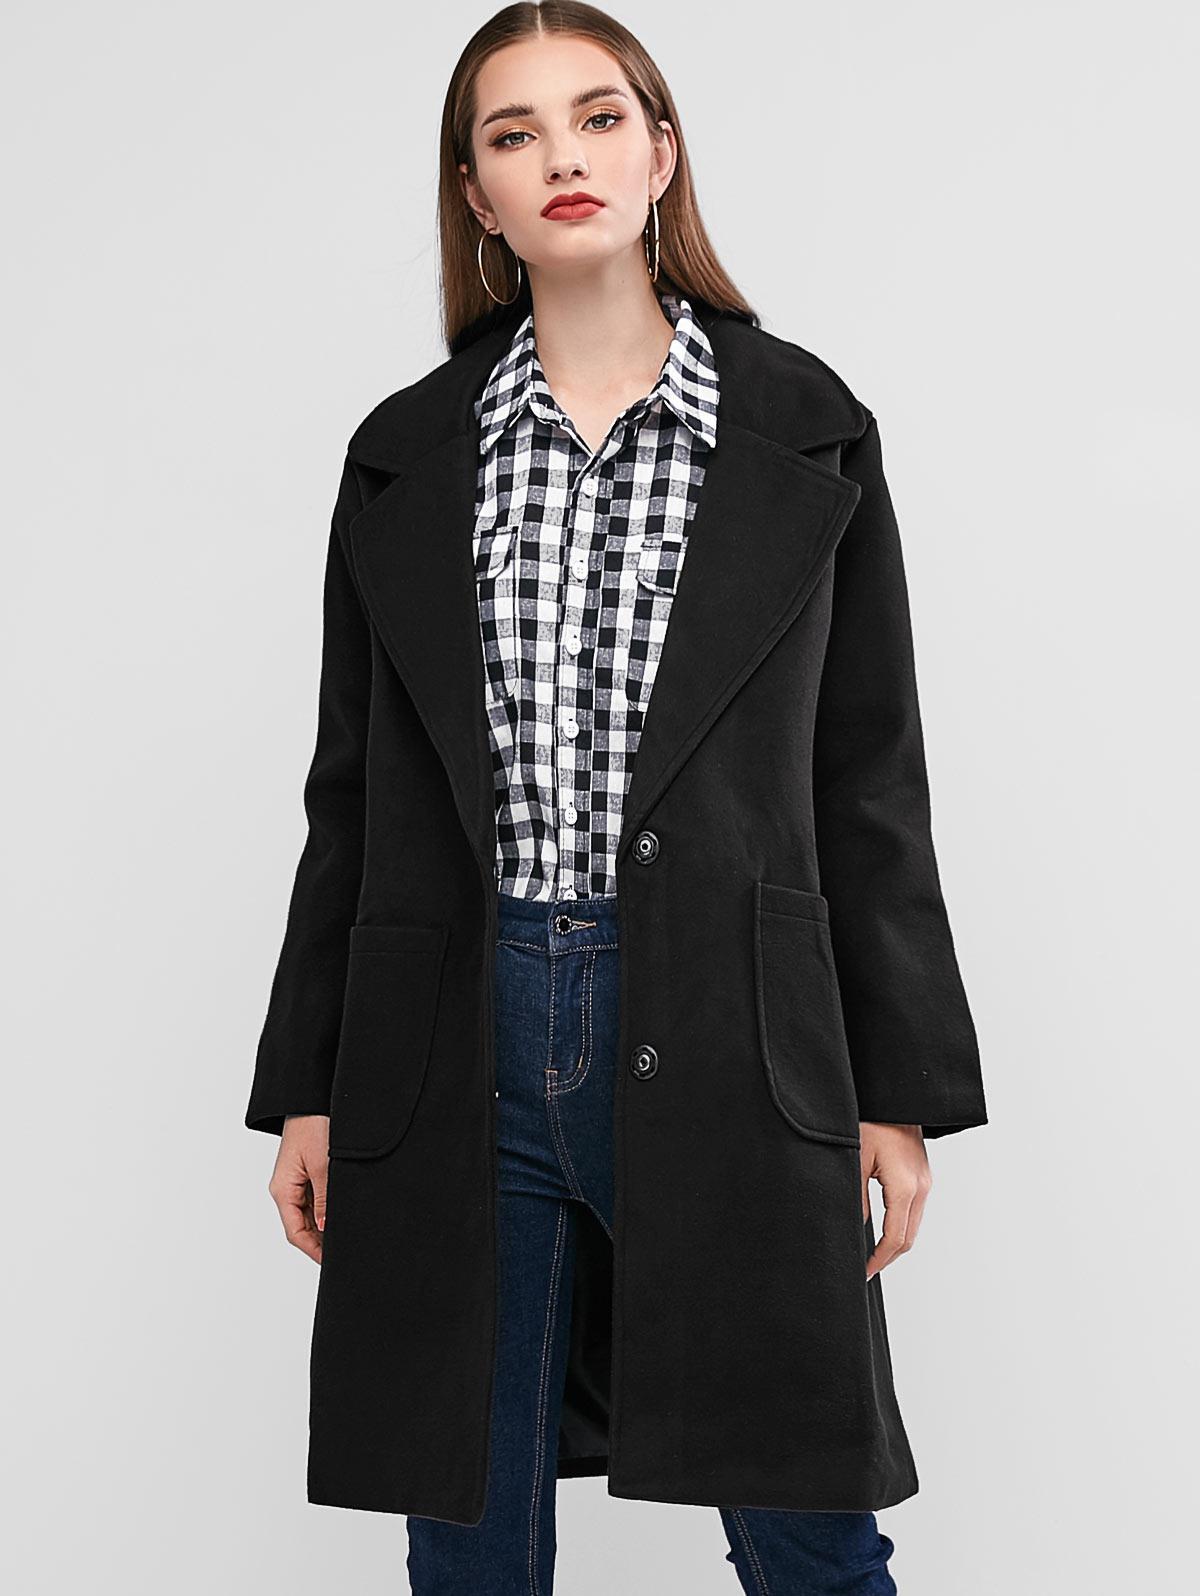 Wool Blend Lapel Pocket Longline Coat